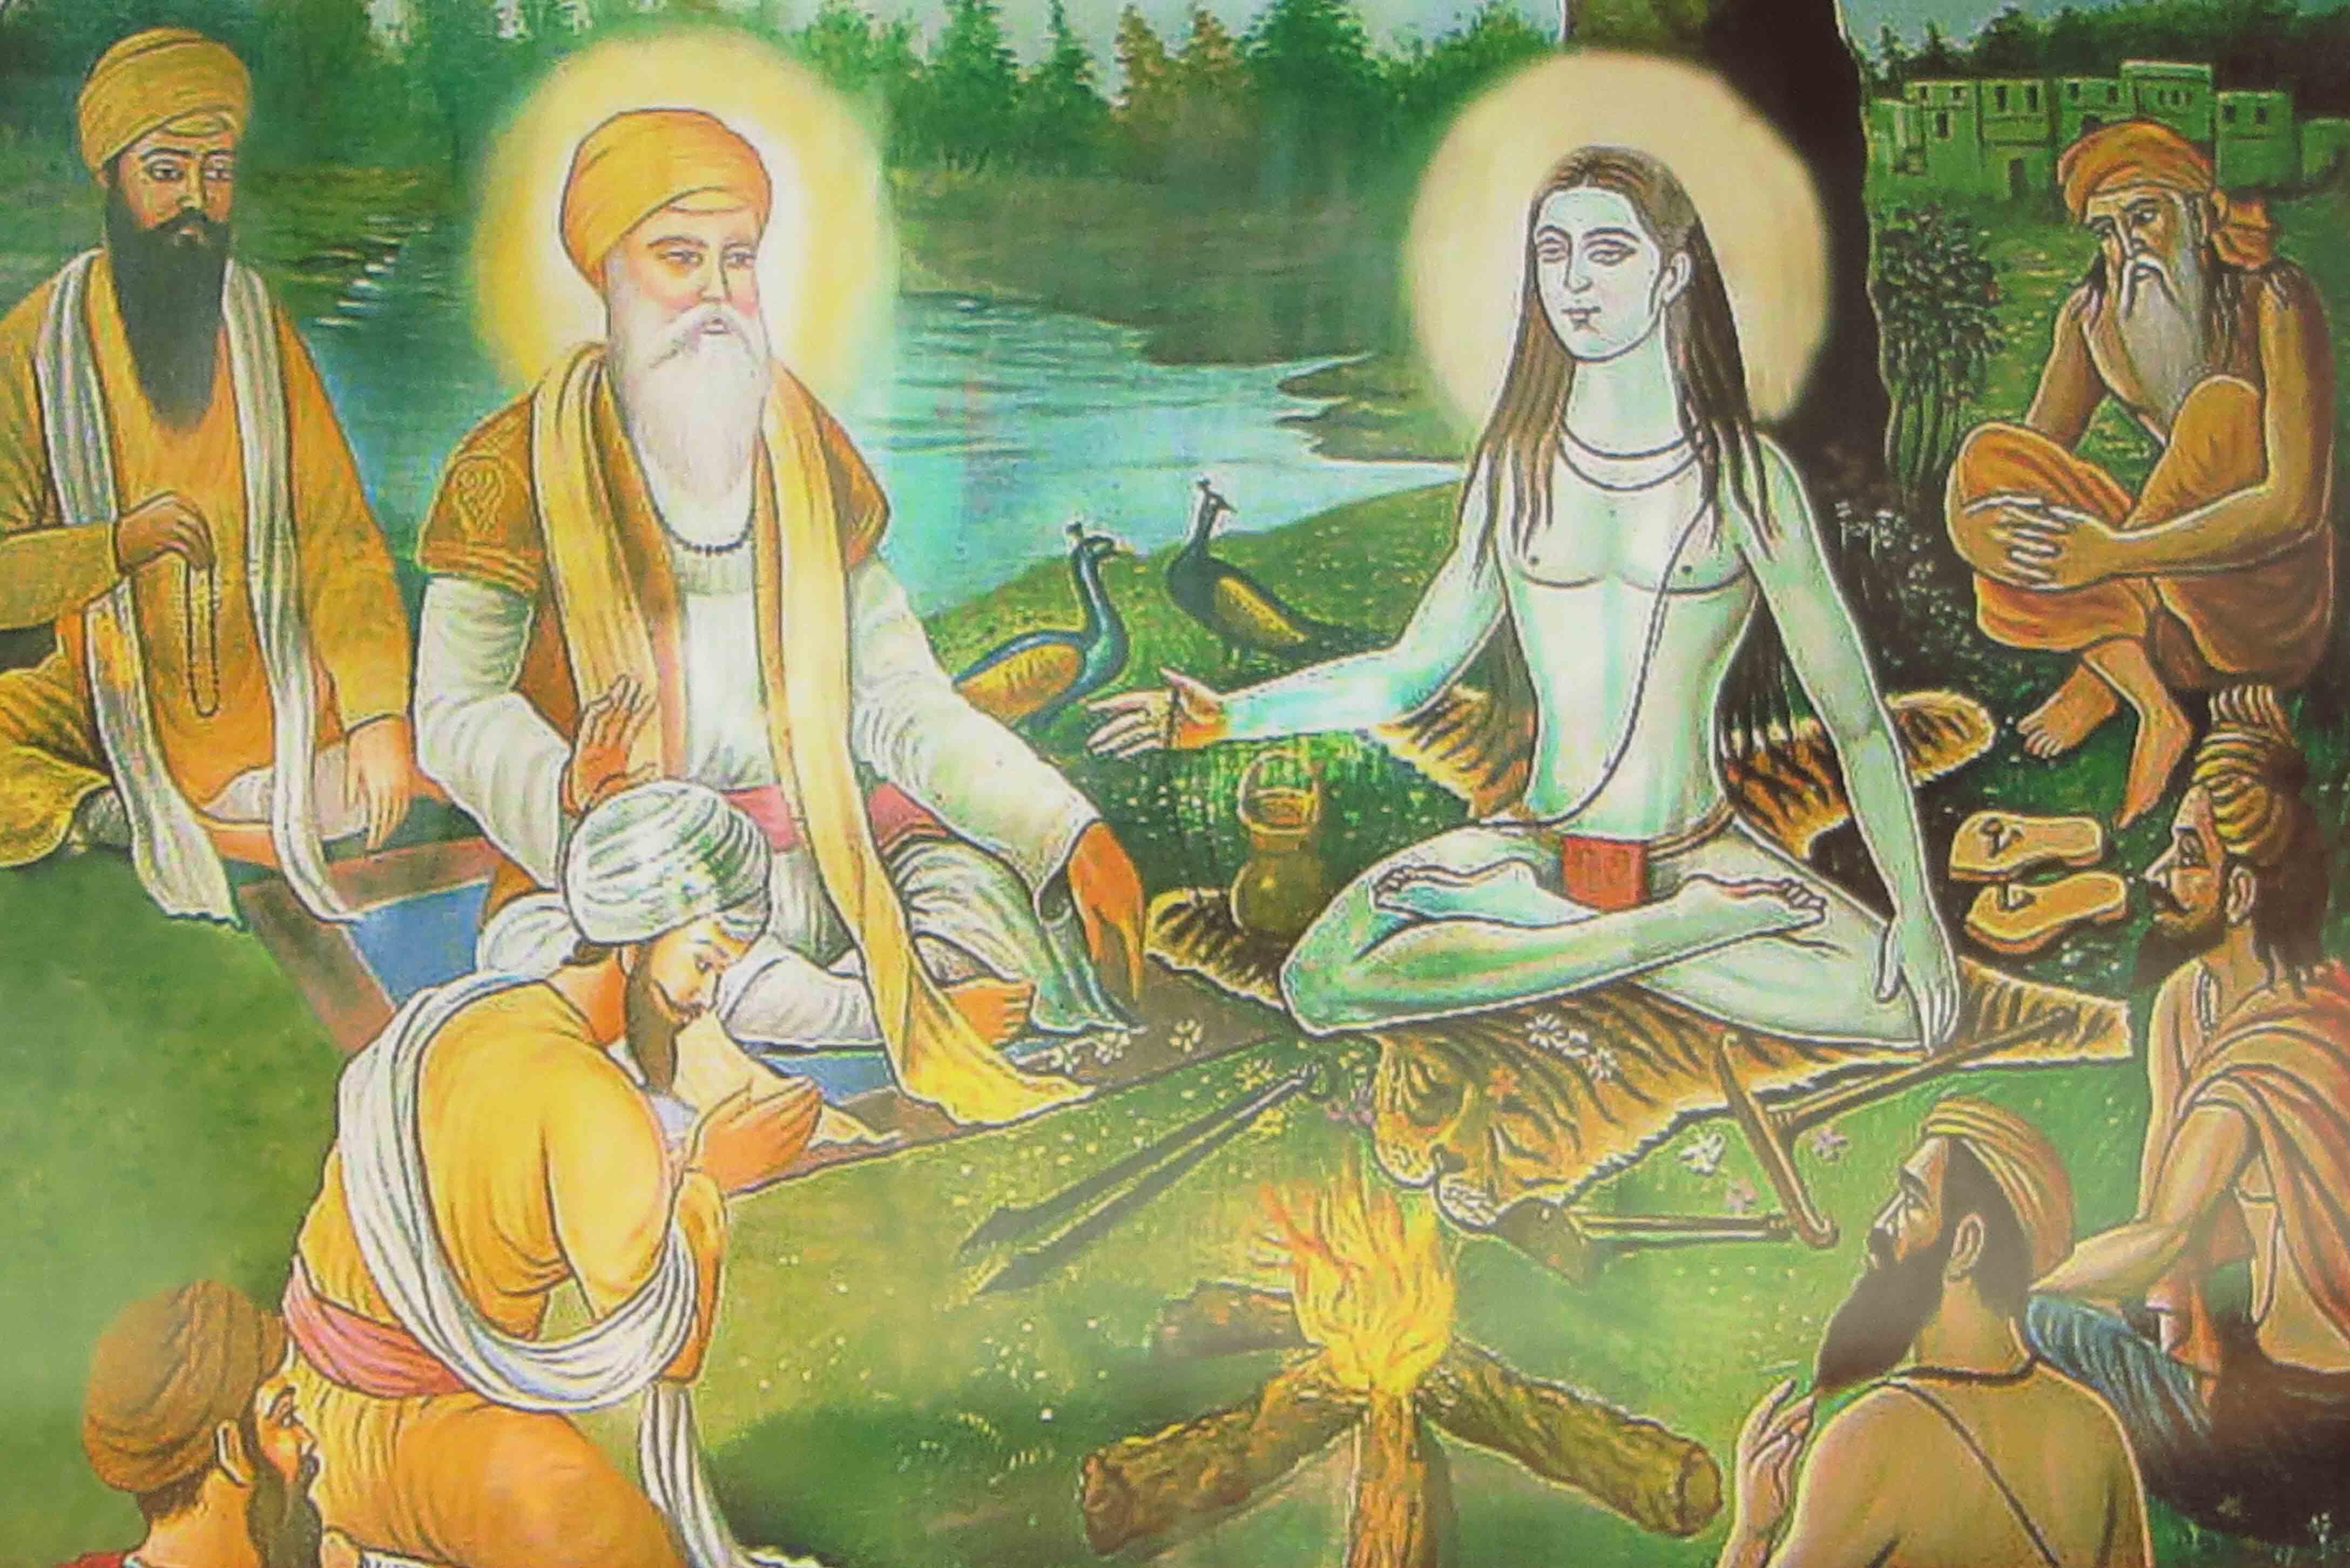 Kundalini Yoga Galerie Schule Münster - Yogalehrer auf Forschungsreise in Indien